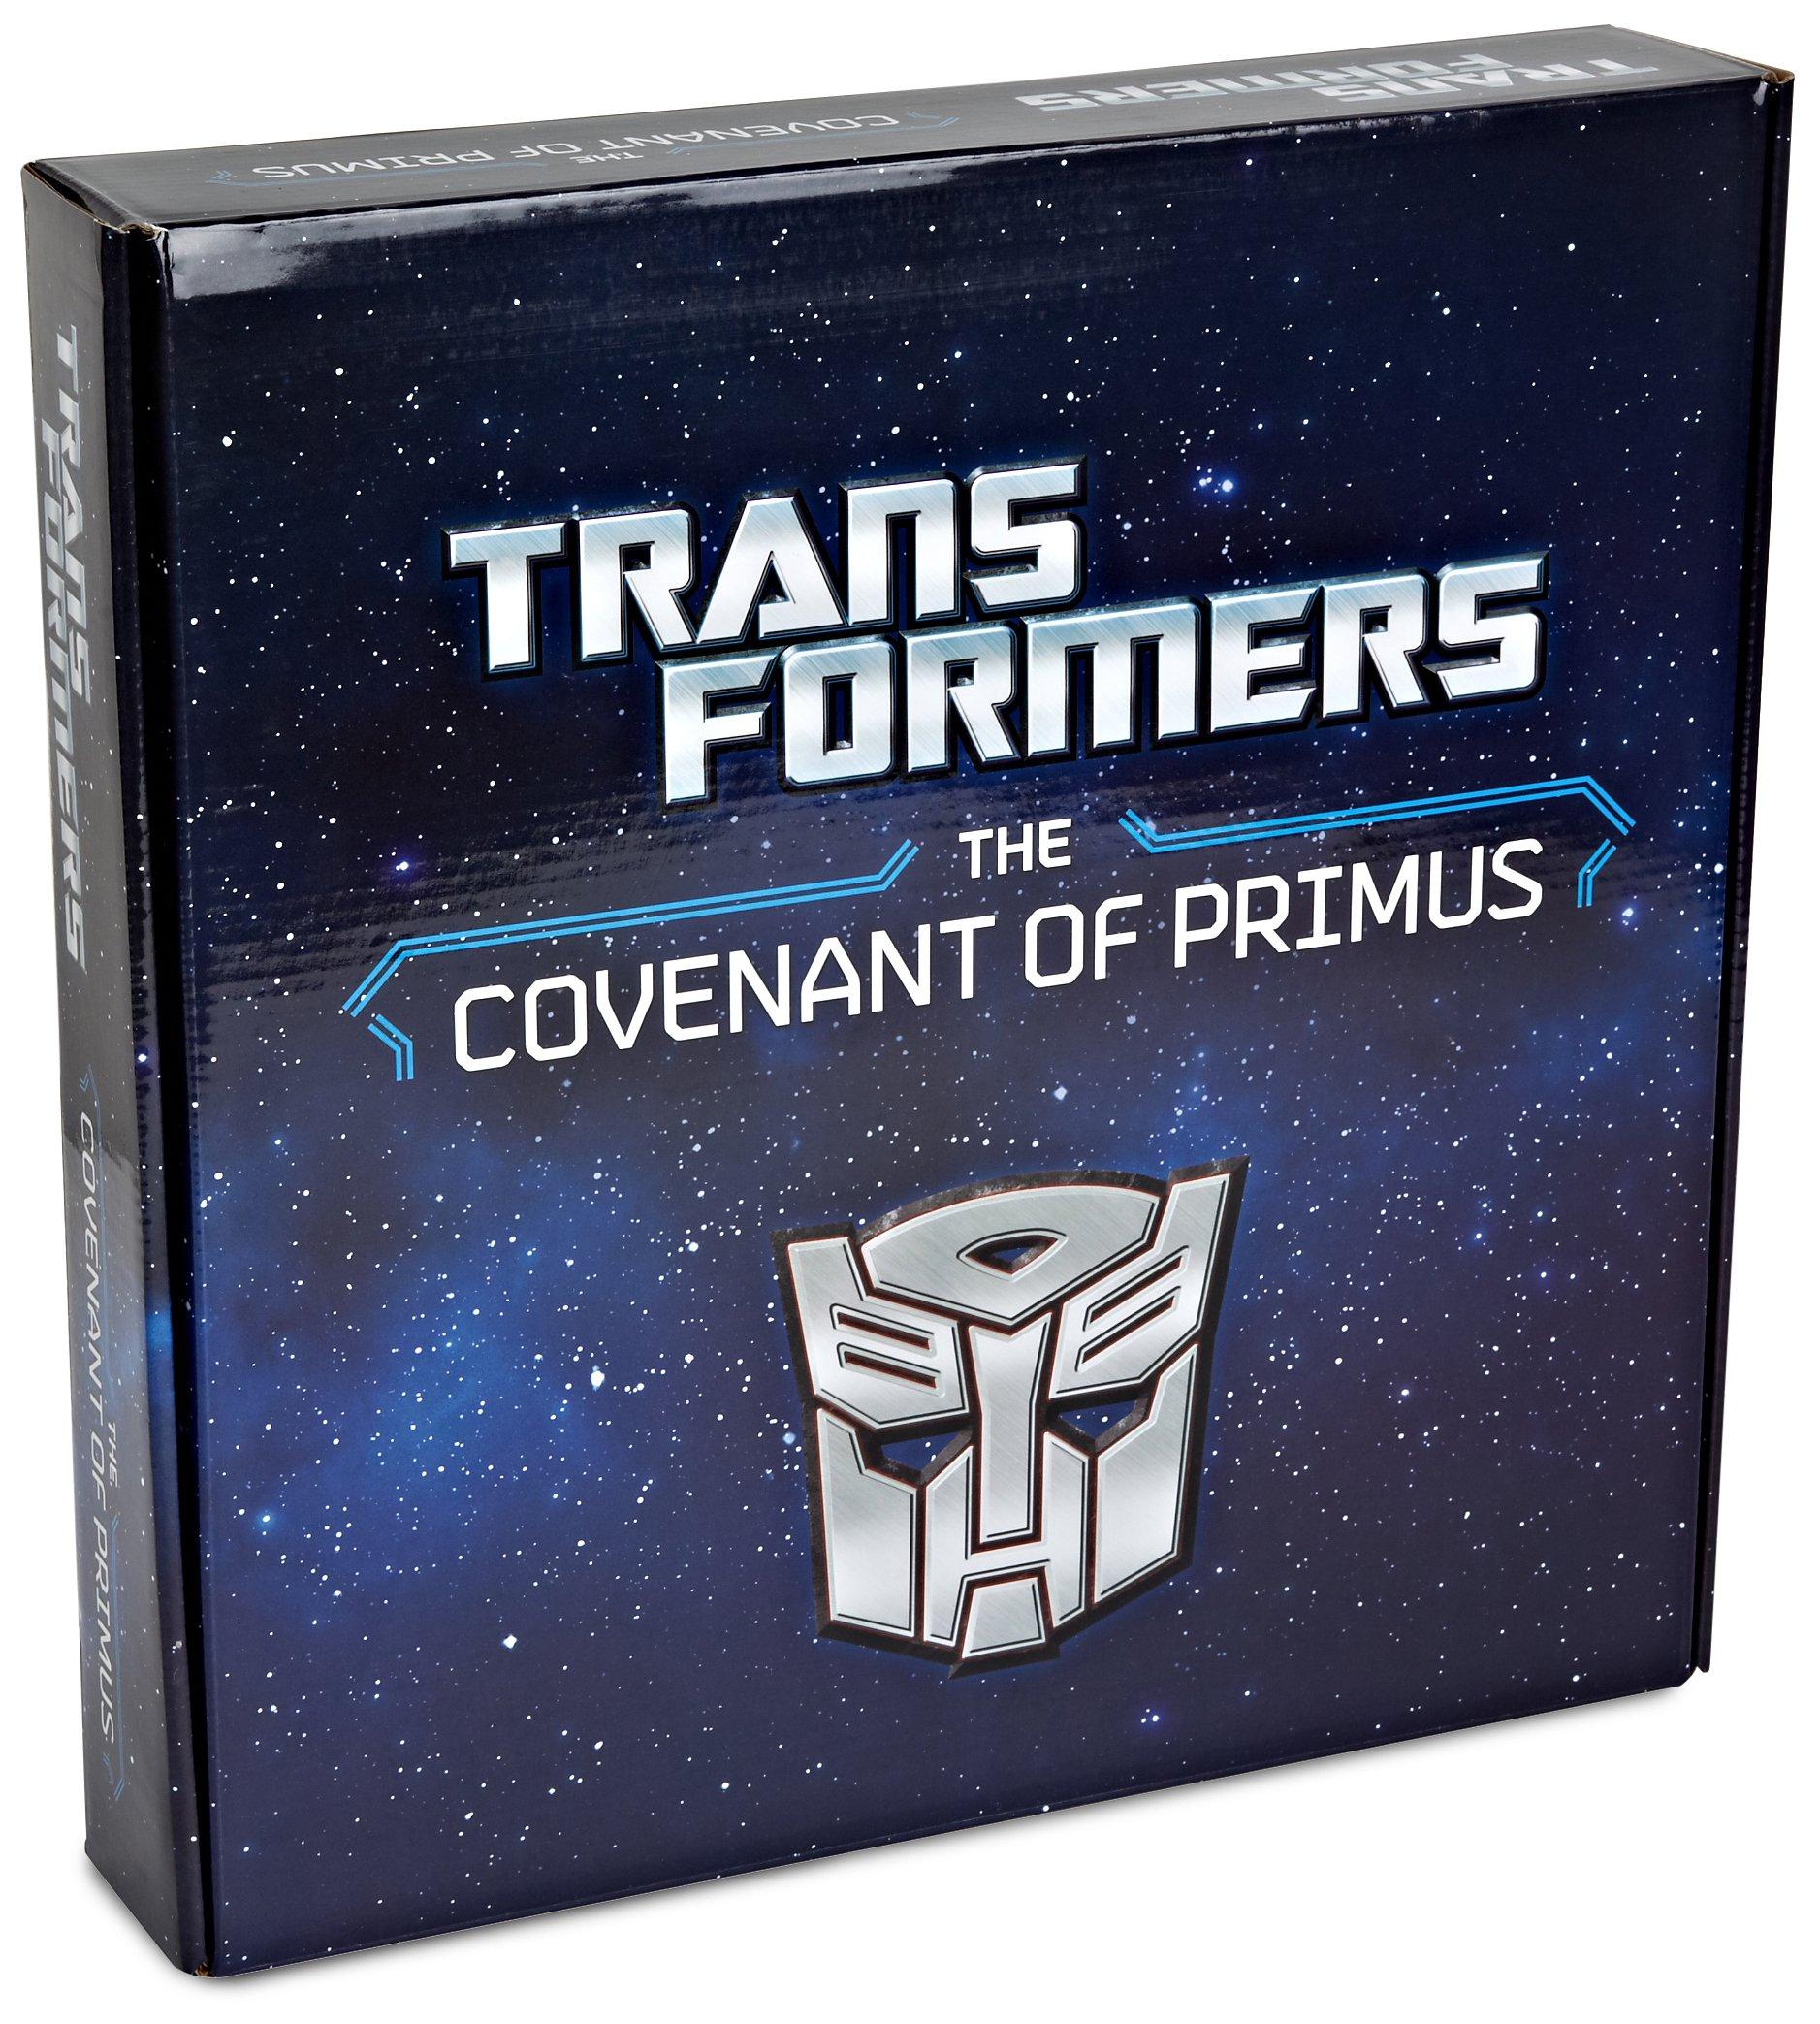 Transformers: The Covenant of Primus: Amazon.es: Justina Robson: Libros en idiomas extranjeros